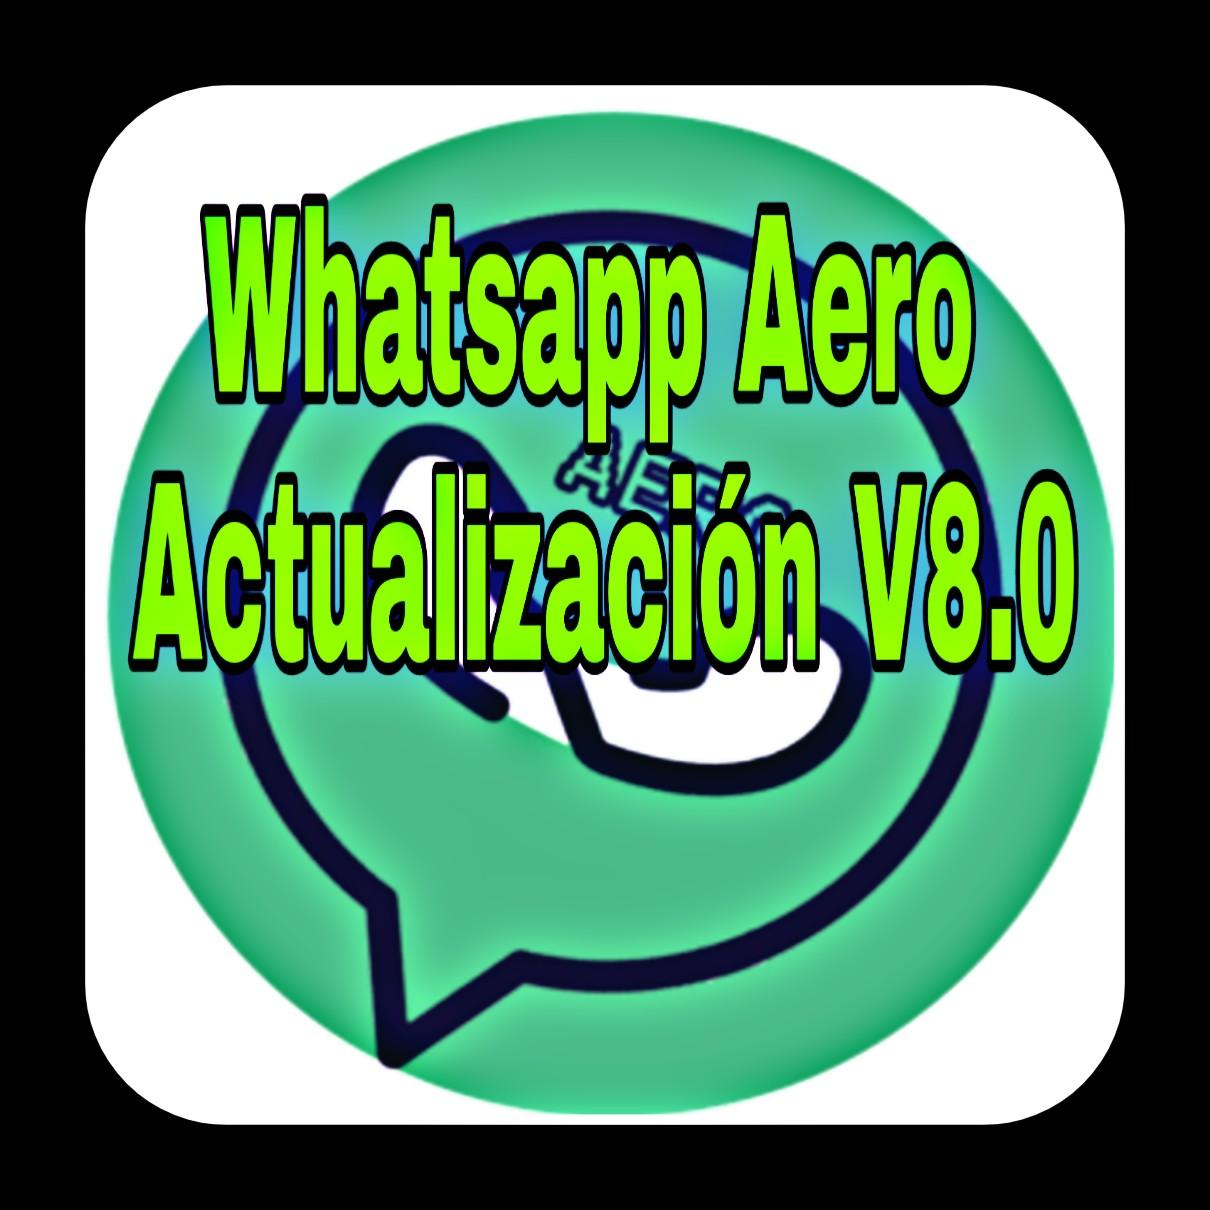 WhatsApp Aero actualización V8.0